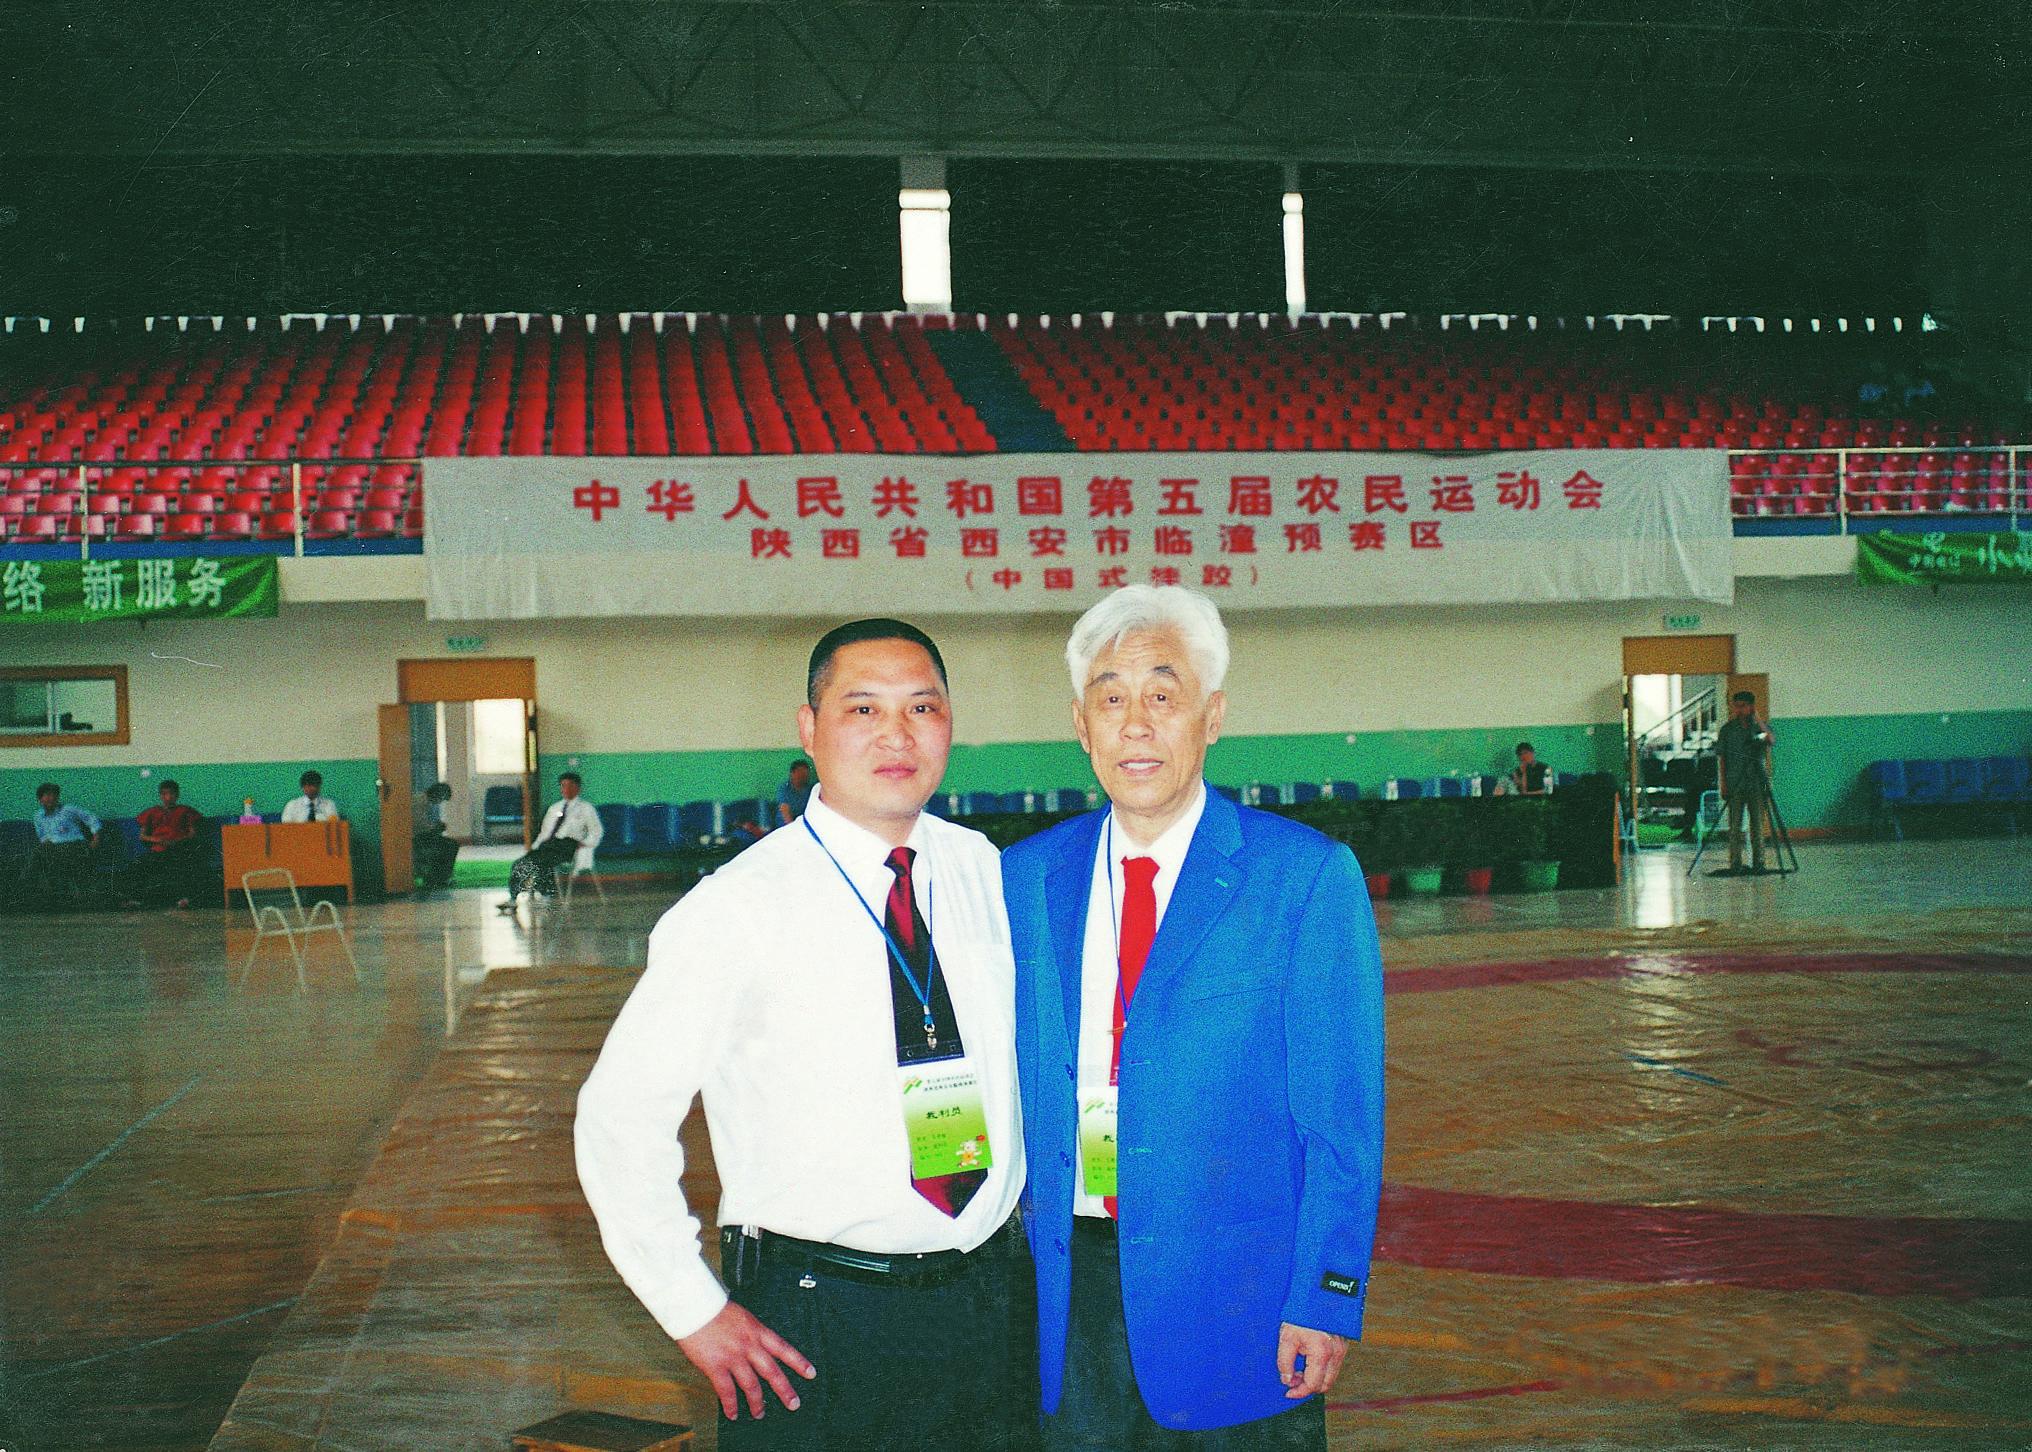 中华人民共和国第五届农民运动会.jpg